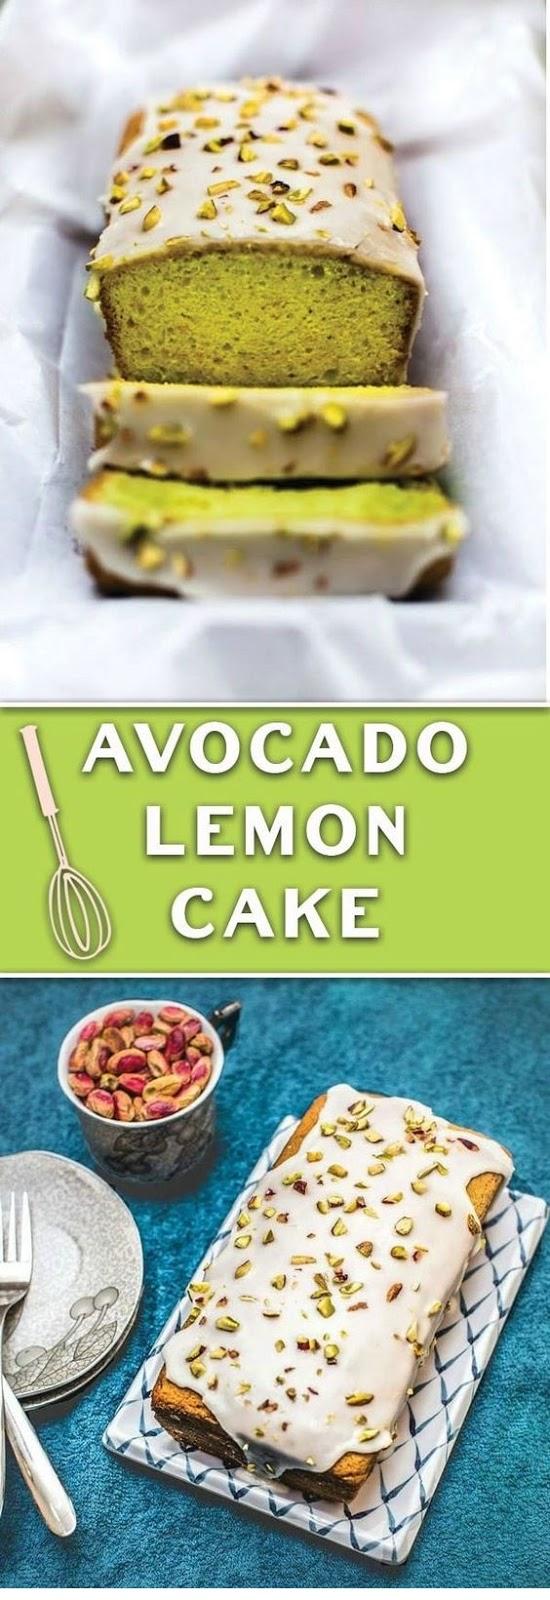 Avocado Lemon Cake